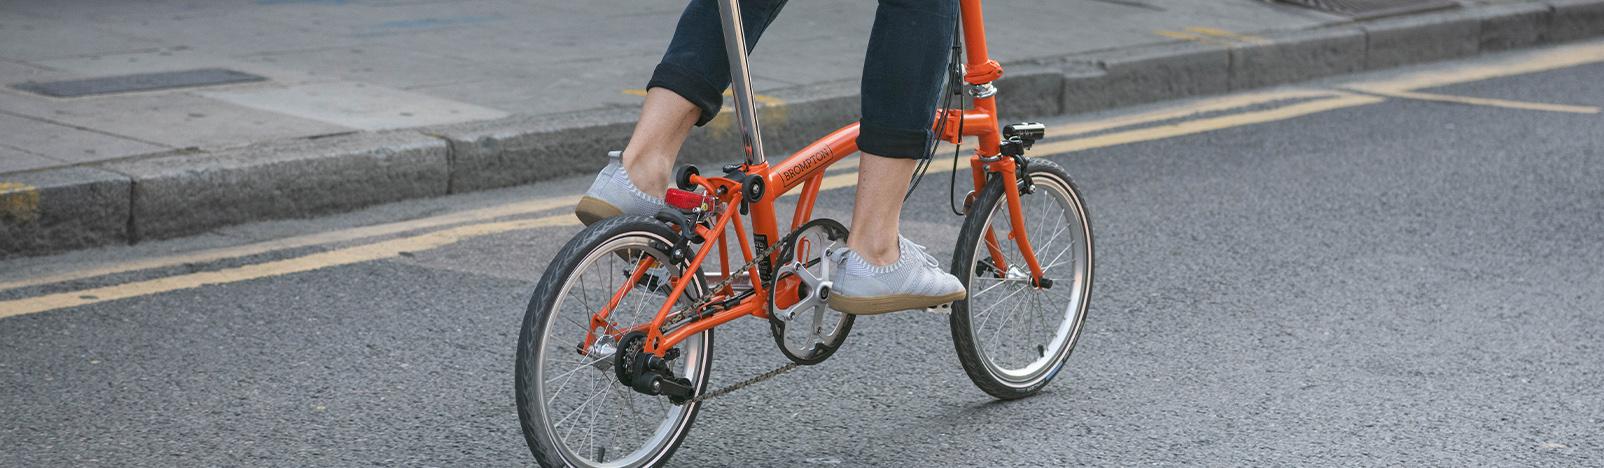 Brompton Bicycle, folding bike, Brompton folding bike